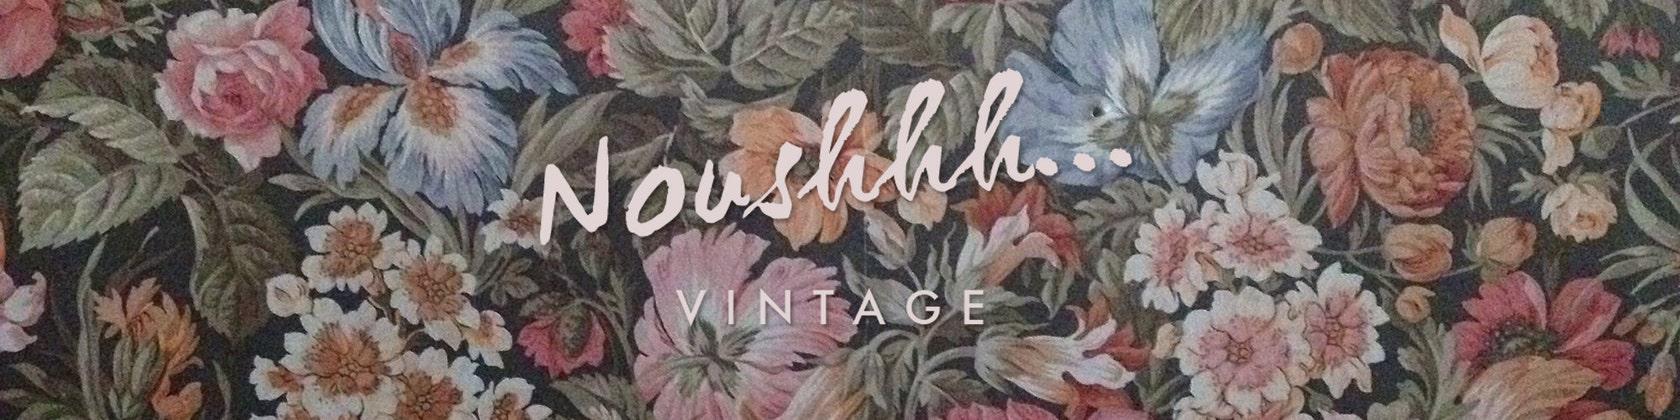 0122e7c8e37e35 Noushhh... Vintage Shop par NoushhhVintage sur Etsy